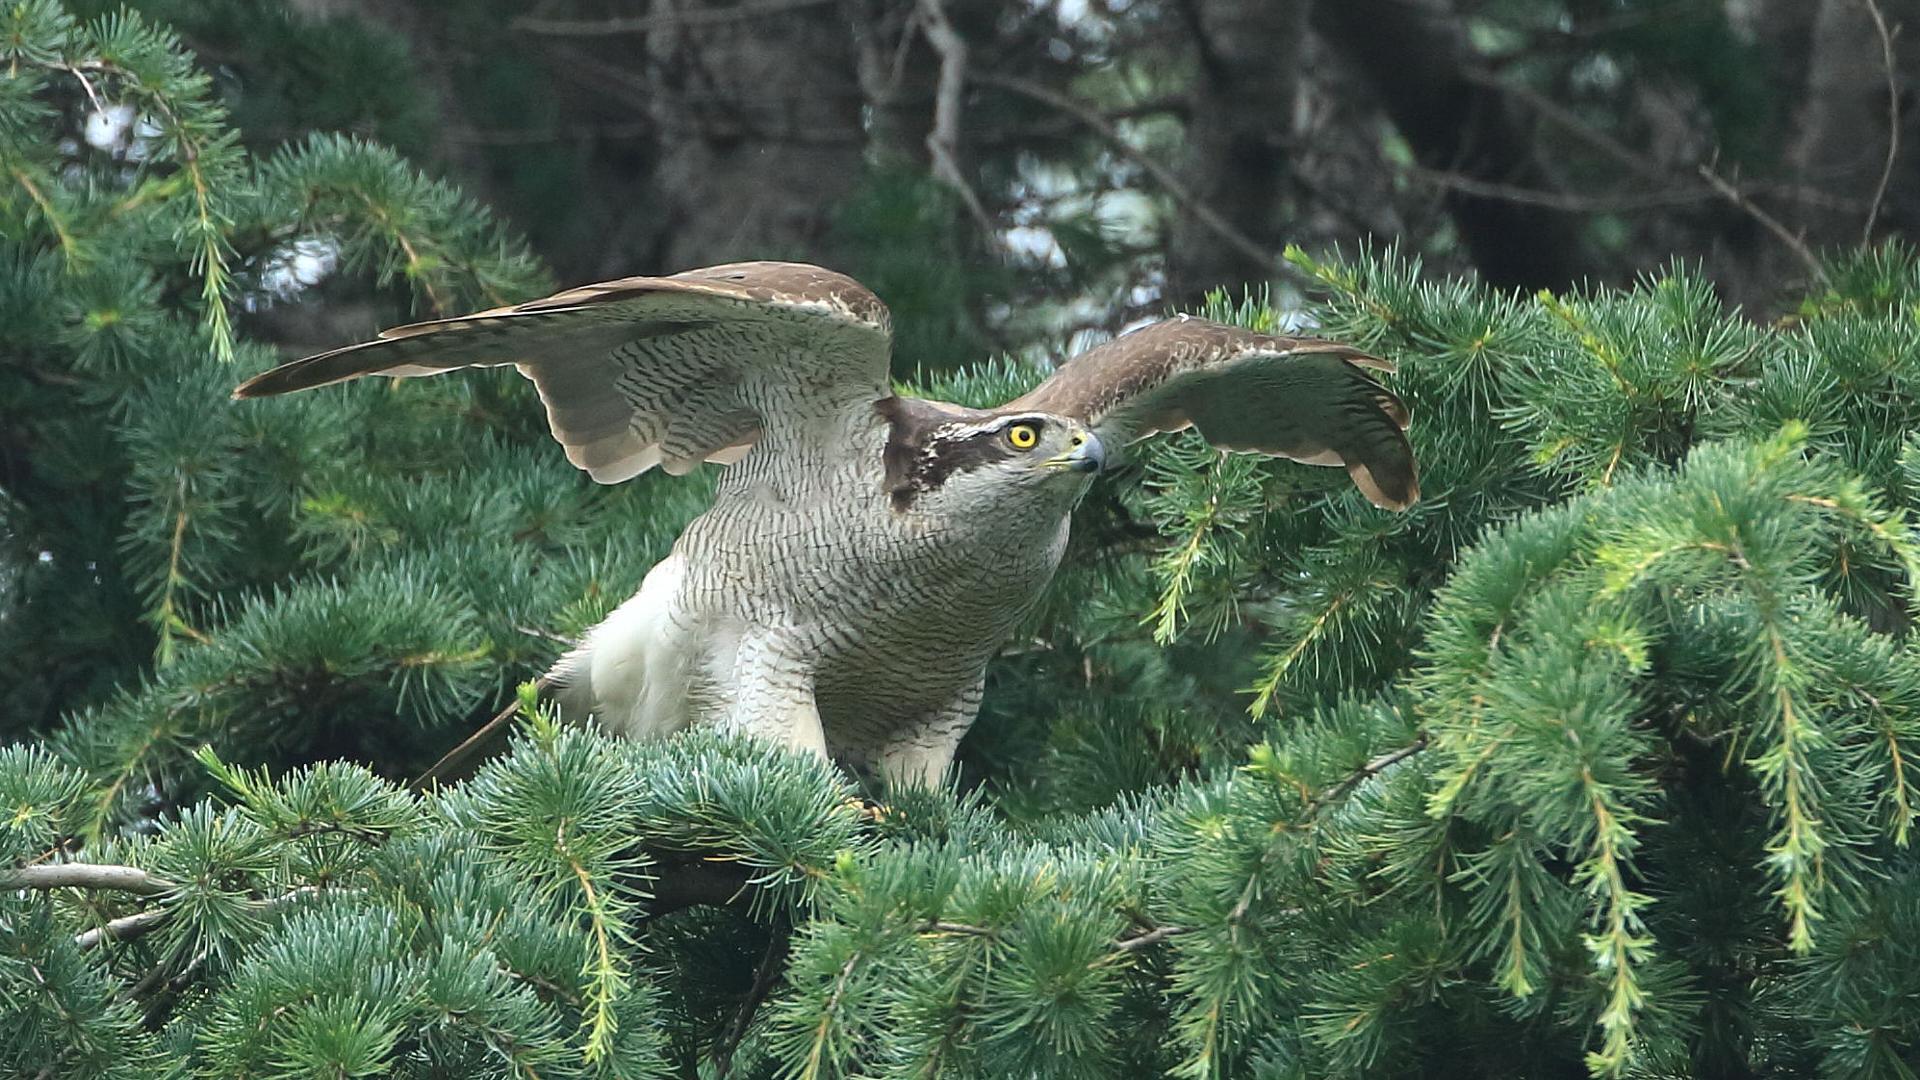 オオタカ雌の飛び出し直前_f0105570_21300045.jpg